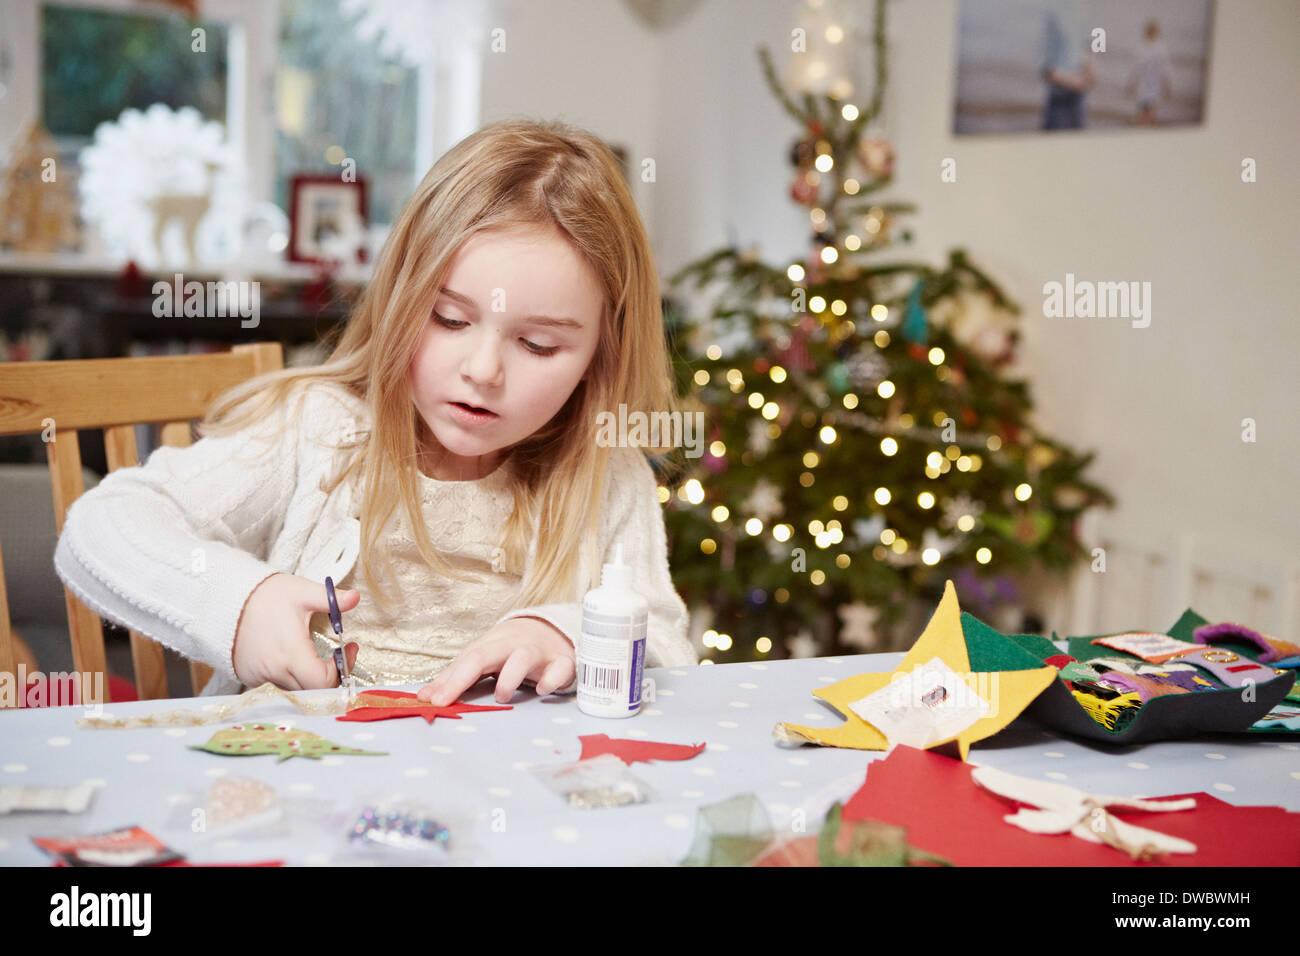 Giovane ragazza il taglio del documento in preparazione al Natale Immagini Stock